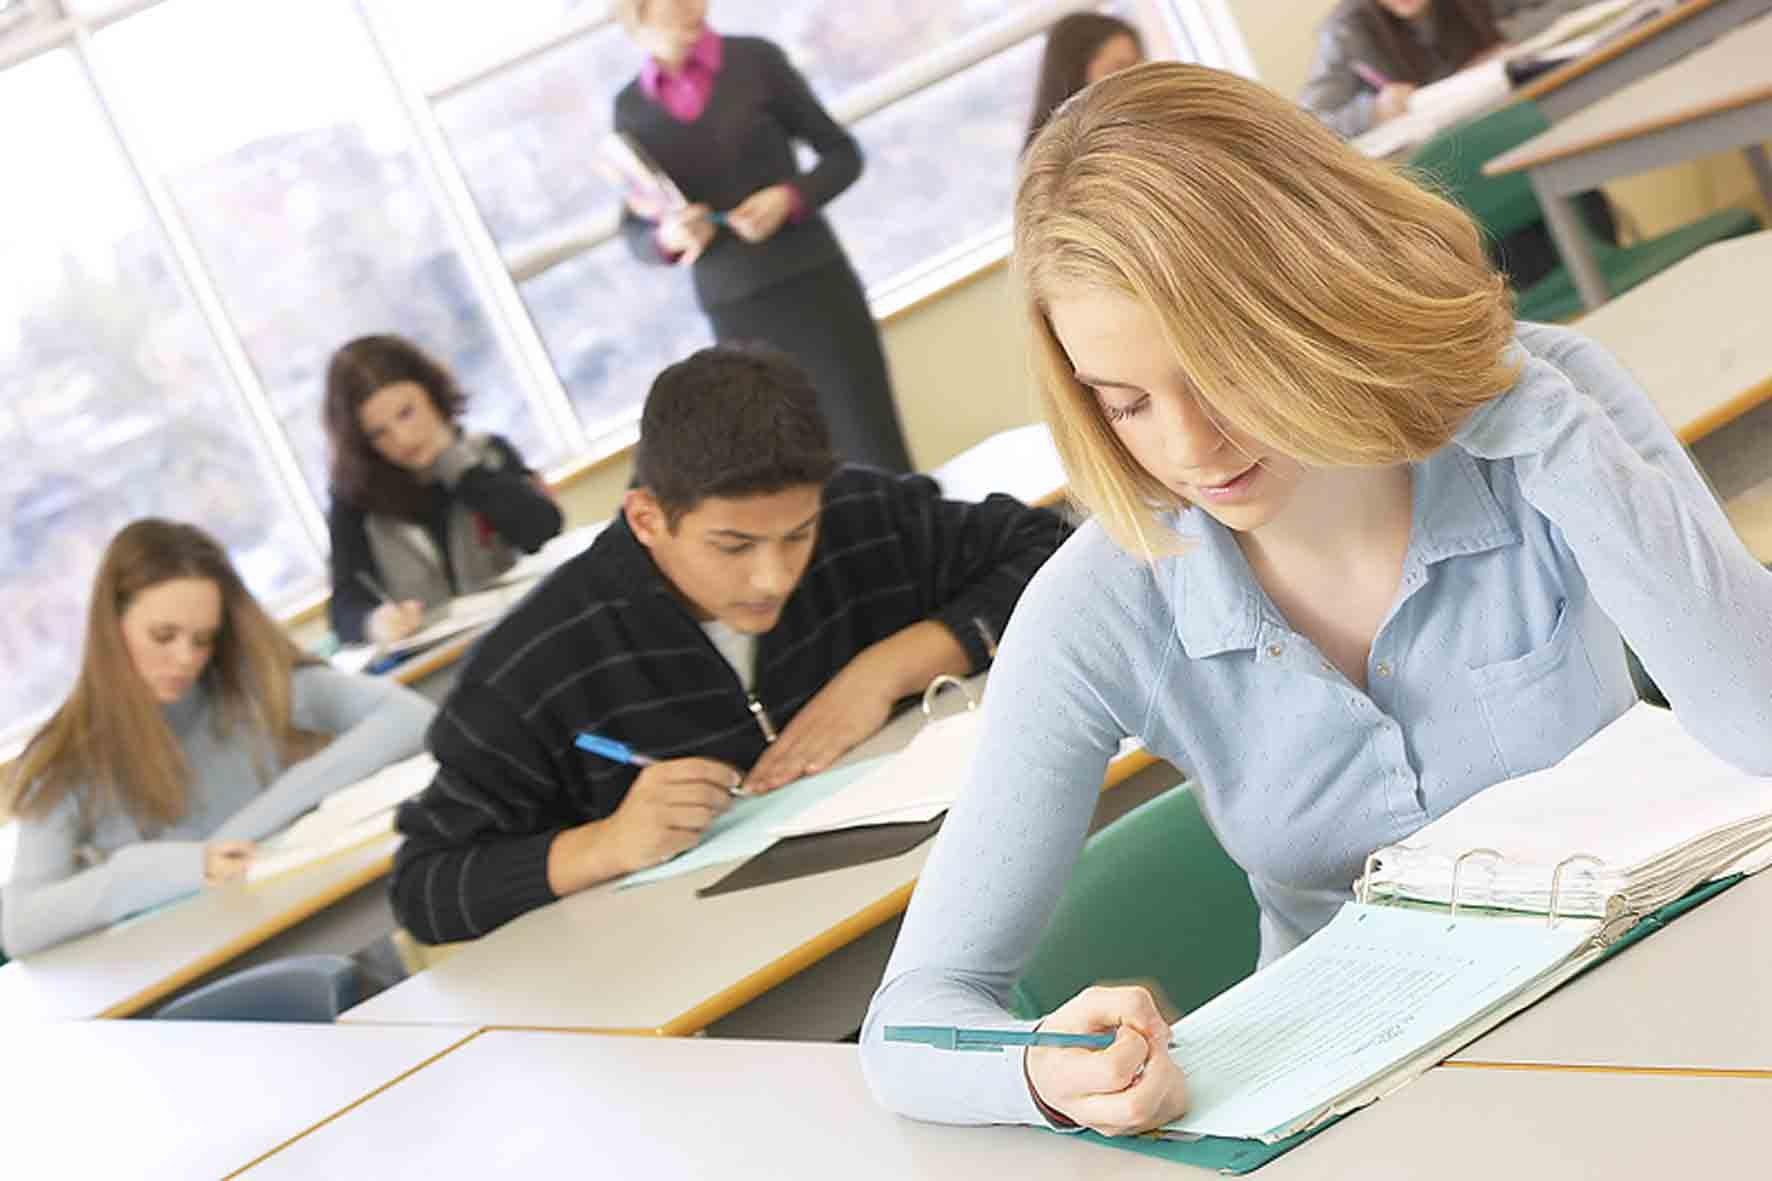 Выпускники гимназий сдают сегодня экзамен по математике